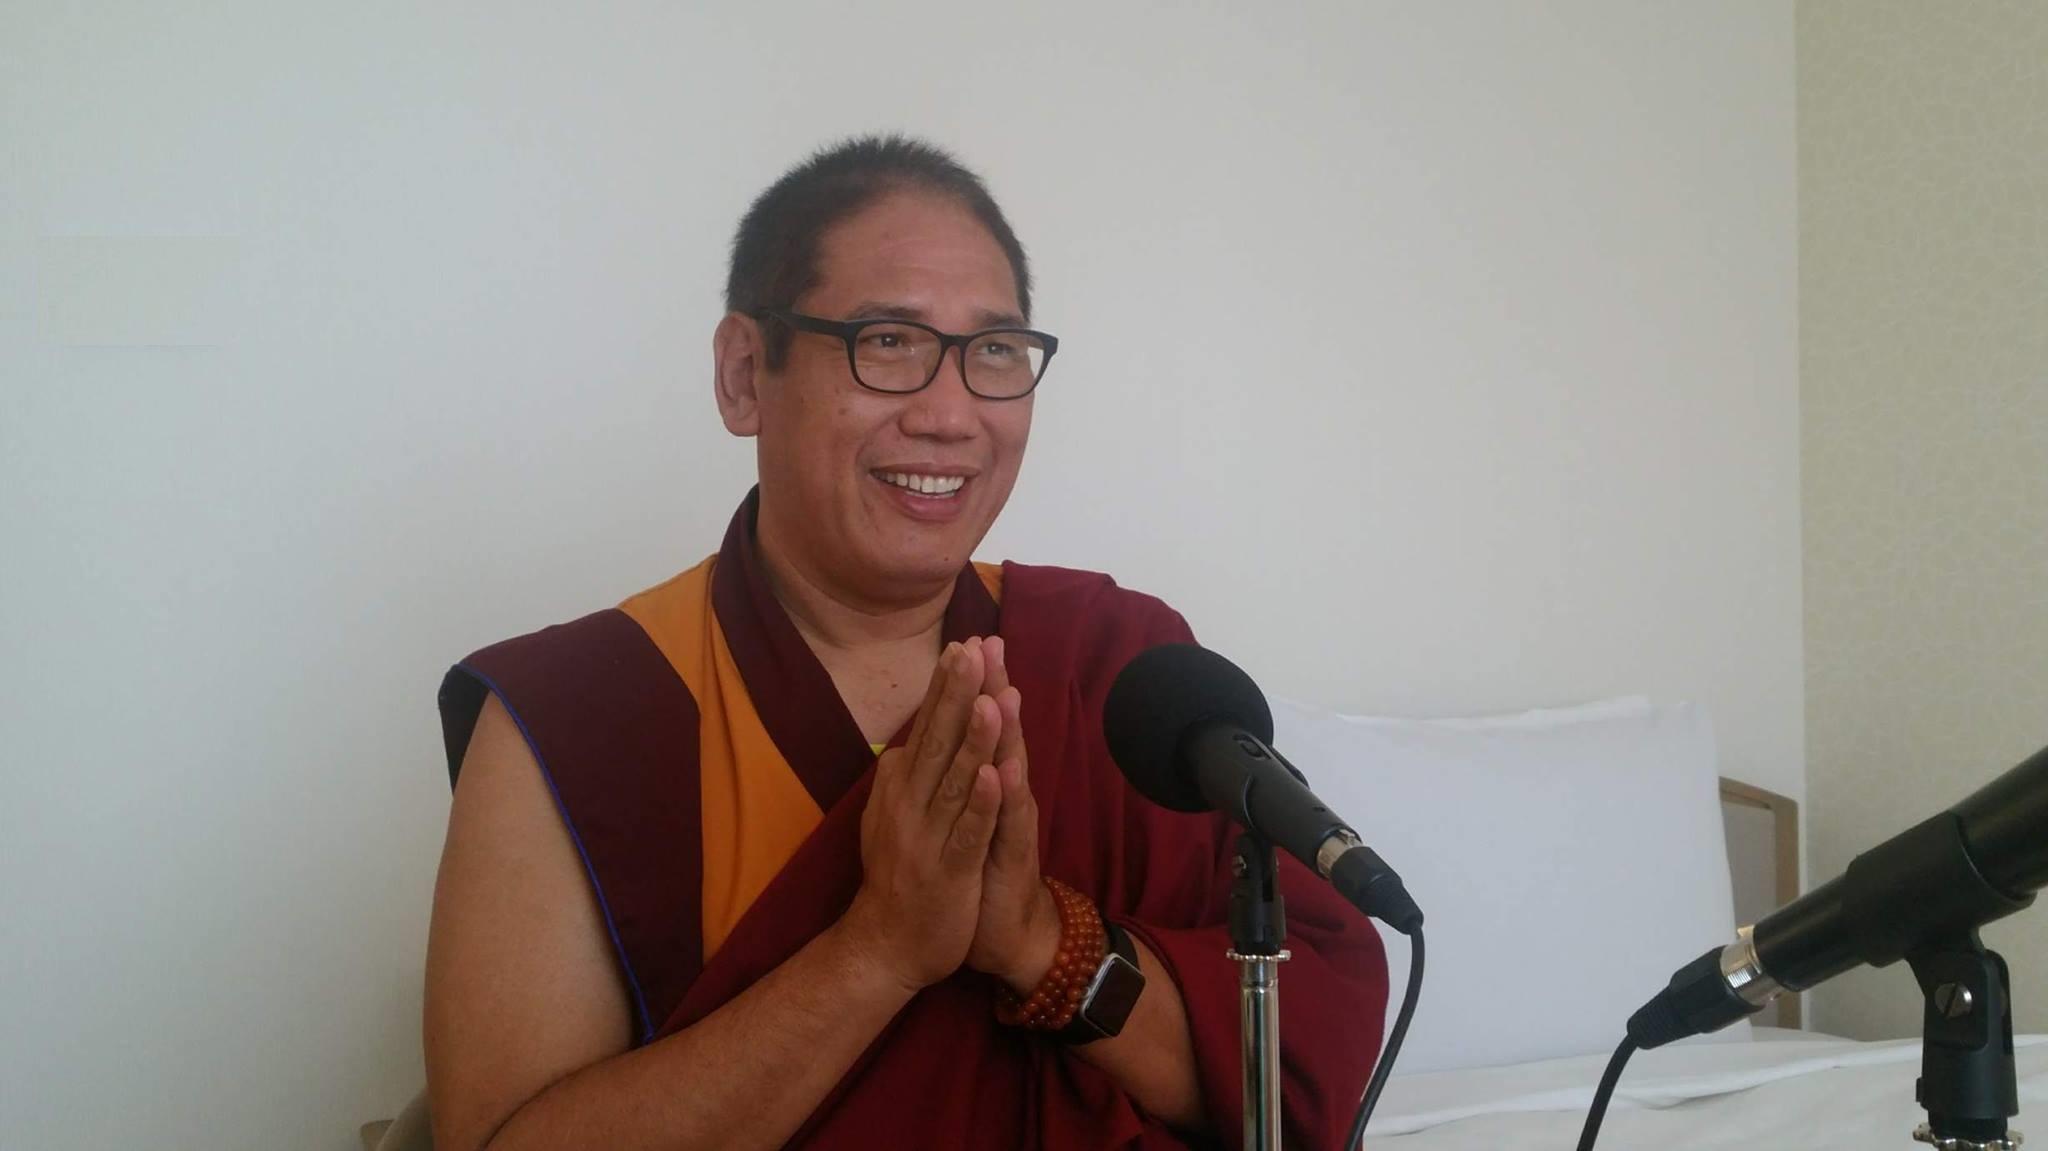 チベット仏教の高僧ザ・チョジェ・リンポチェ師の特別インタビュー2(英語&日本語訳を全文掲載)